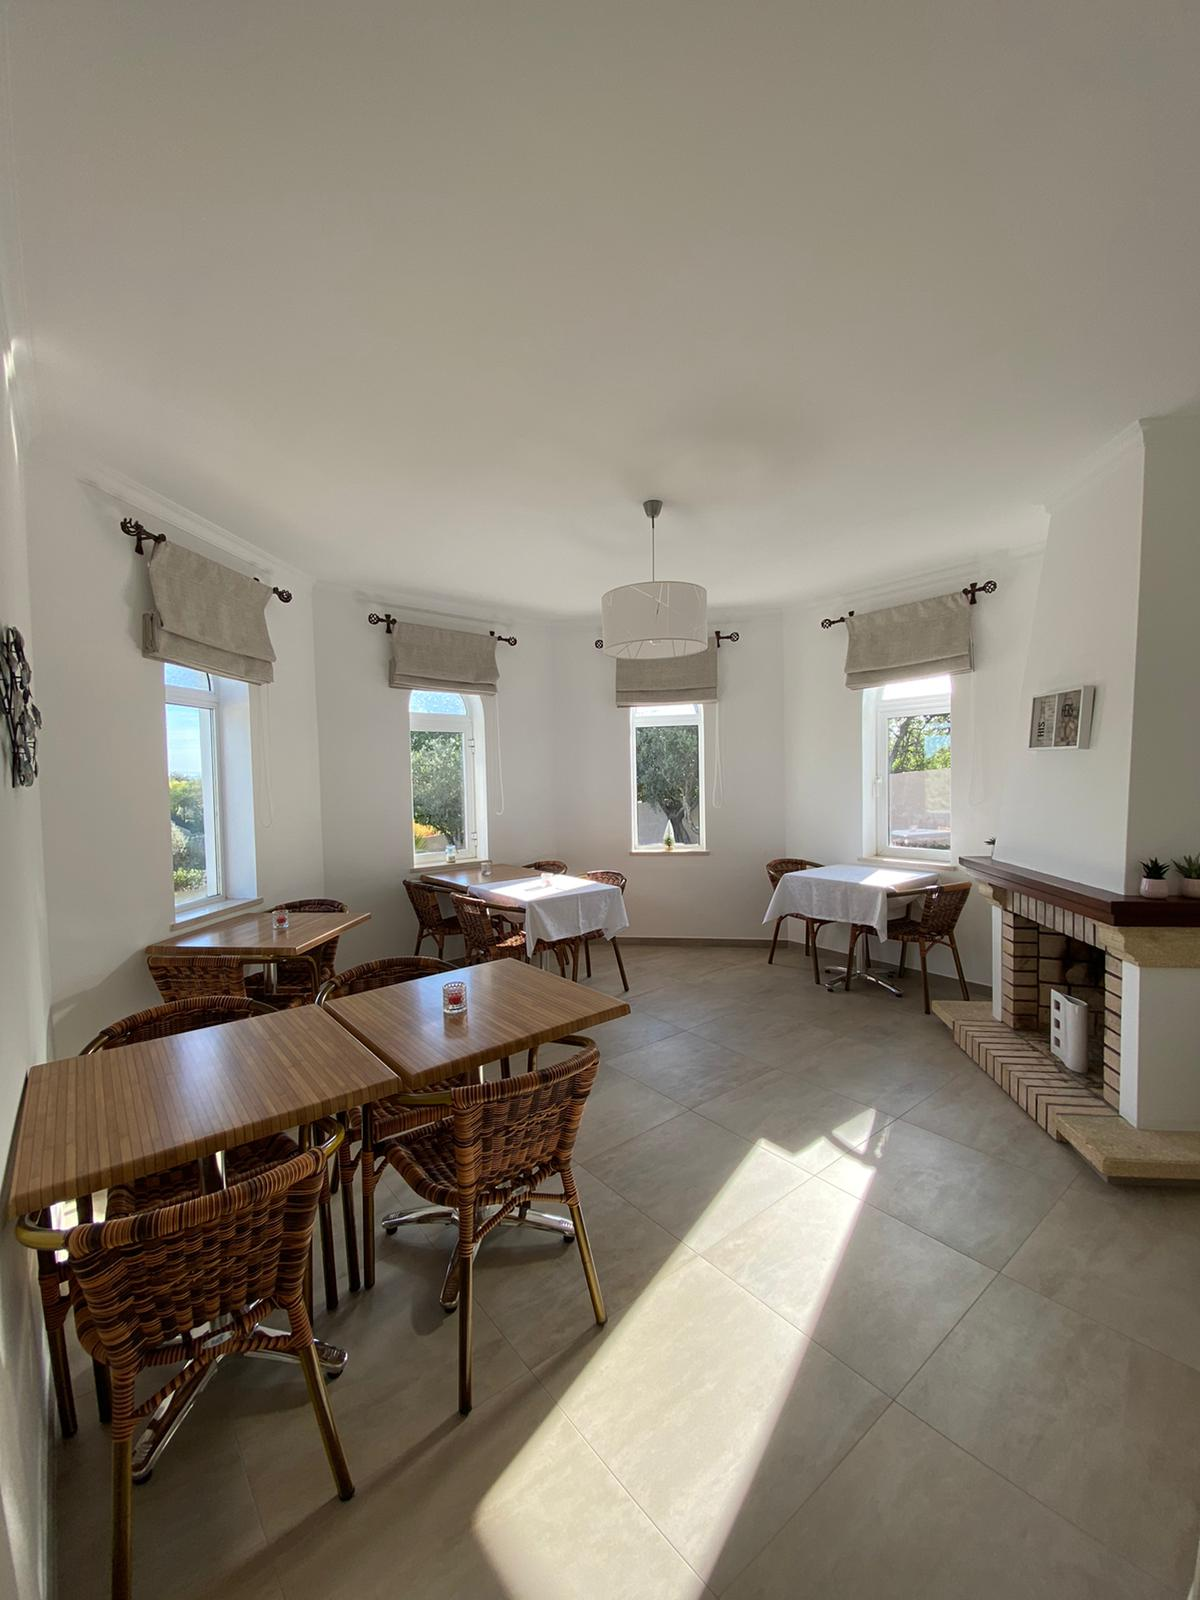 Holiday apartments and villas for rent, Villa L'Estaque , chambres d'hôtes in Armação de Pêra, Portugal Algarve, REF_IMG_15648_15660